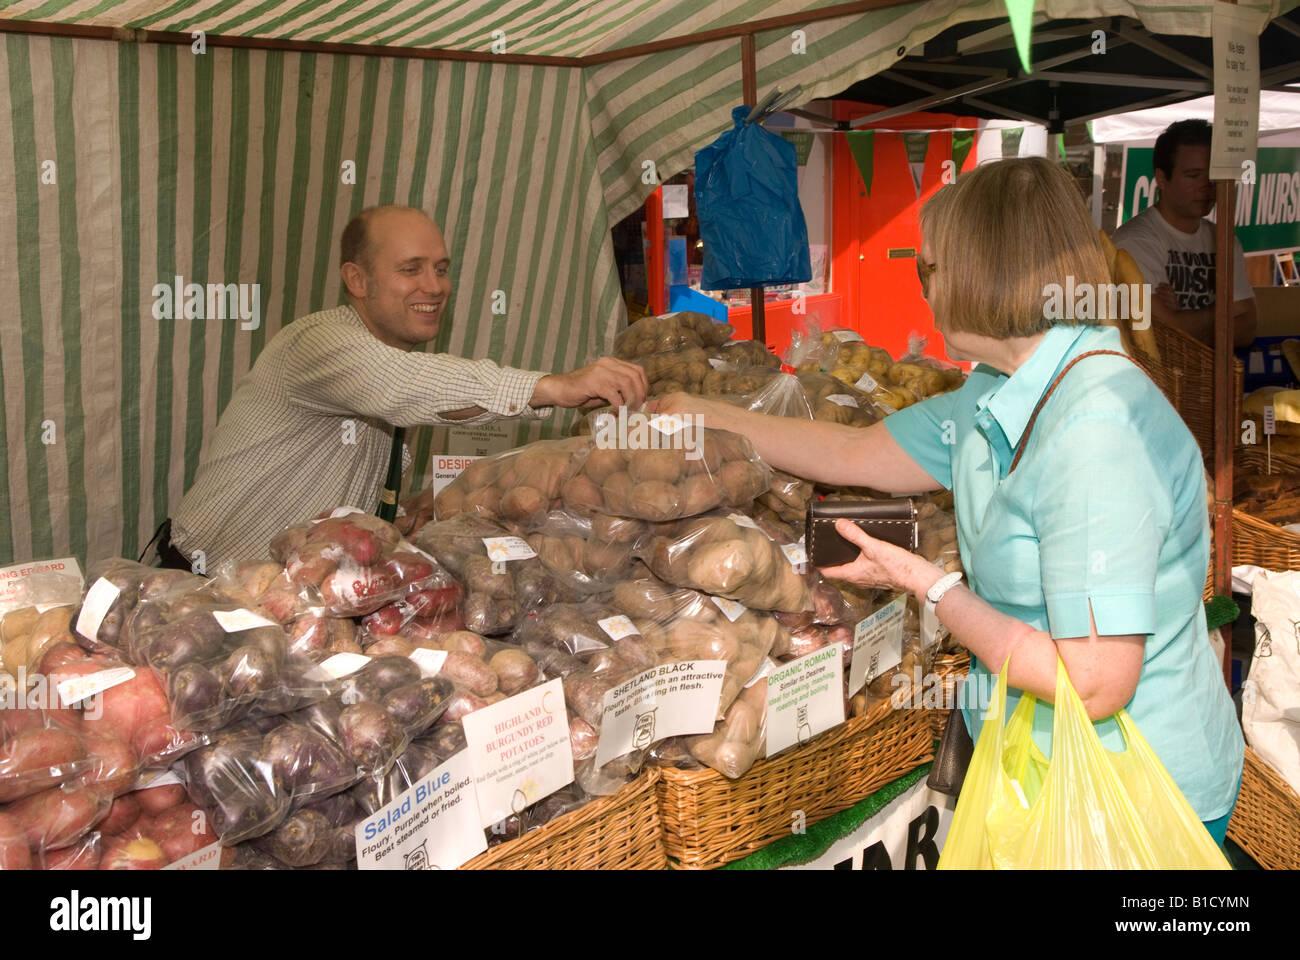 Farmers Market, Kensington, London, UK. - Stock Image